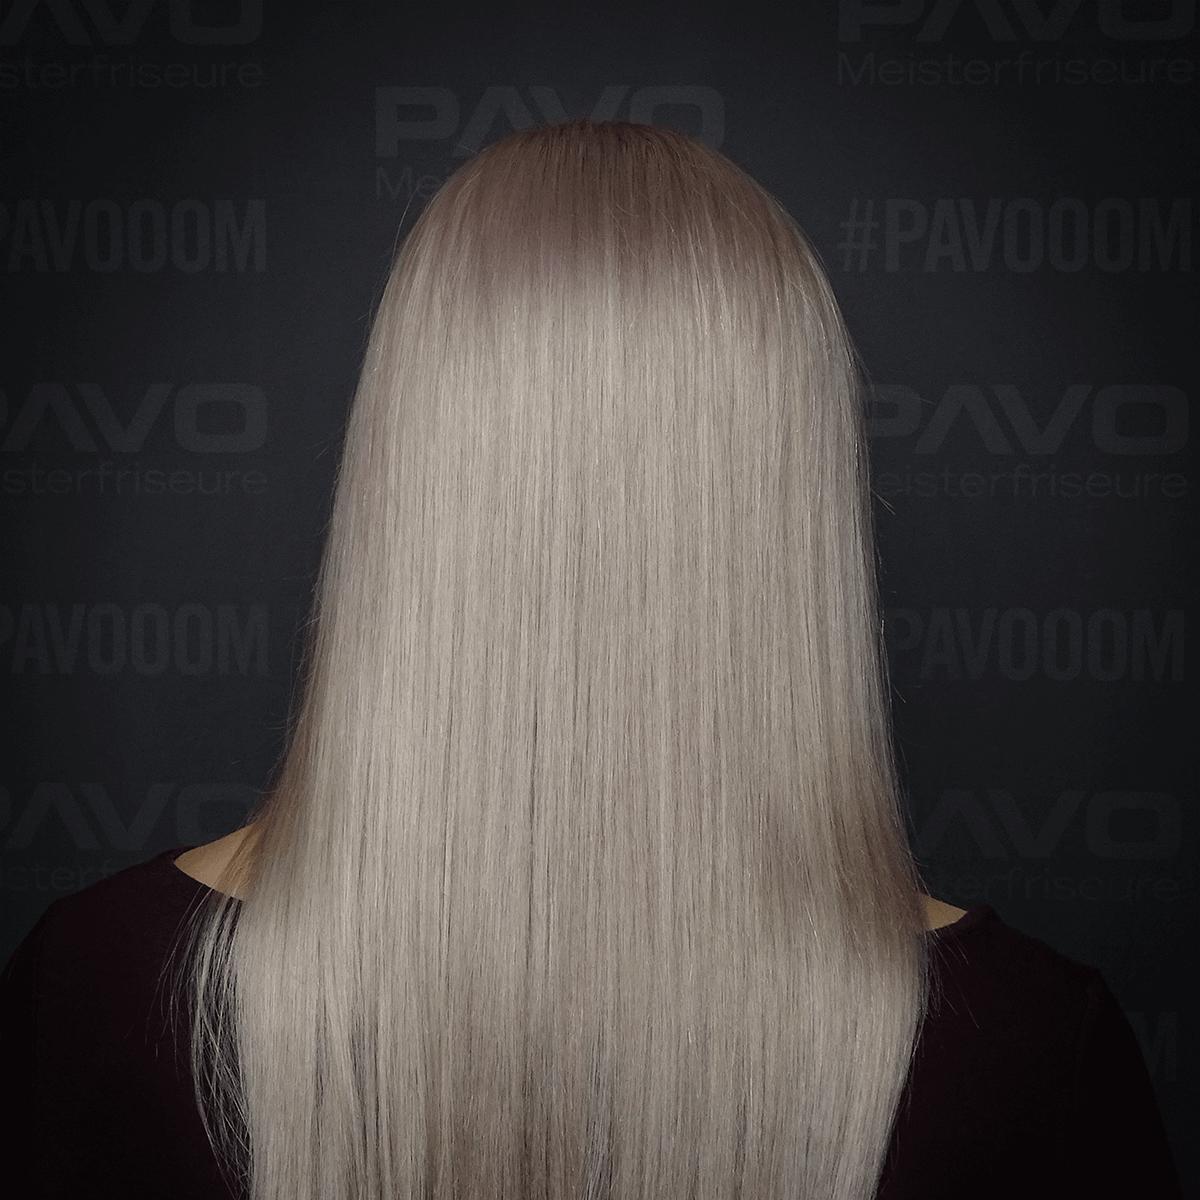 Guter Friseur In Essen Pavo Friseure Krasses Silberblond Mit